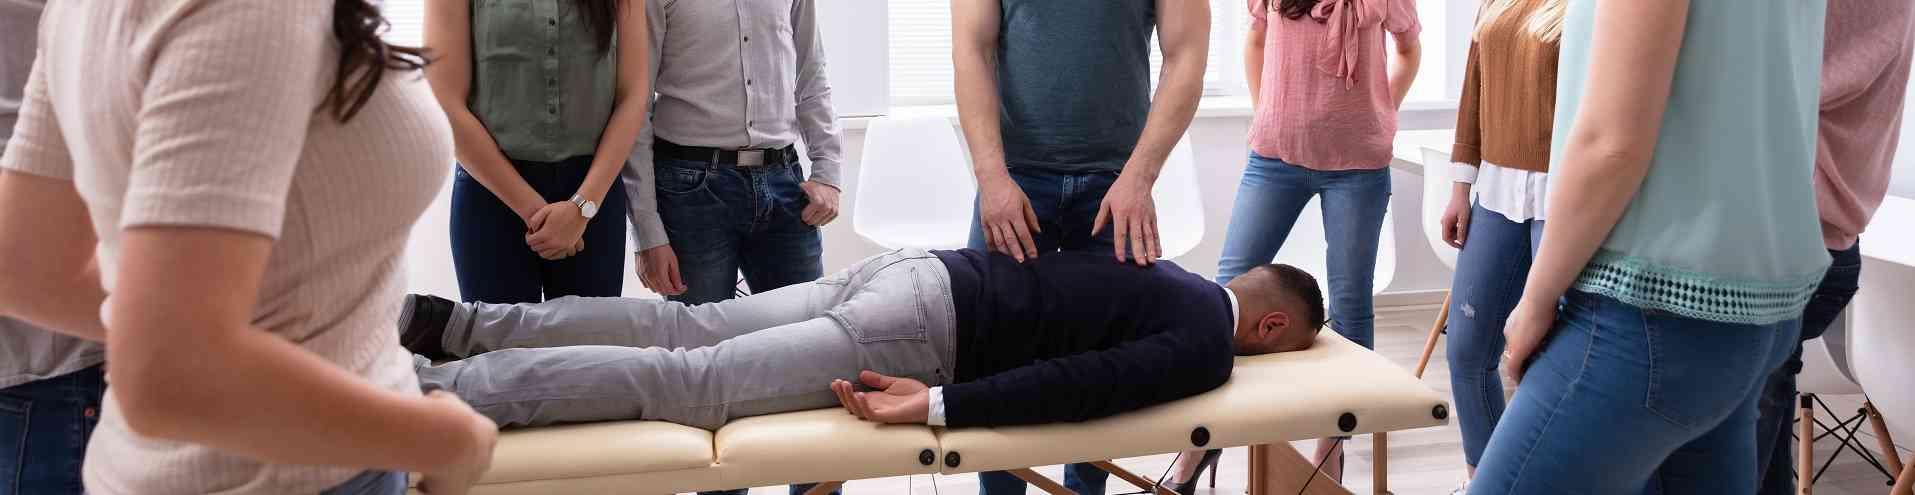 la médecine chinoise pour tous cycle 3, formation en présentiel à Nantes par Eric Delafontaine